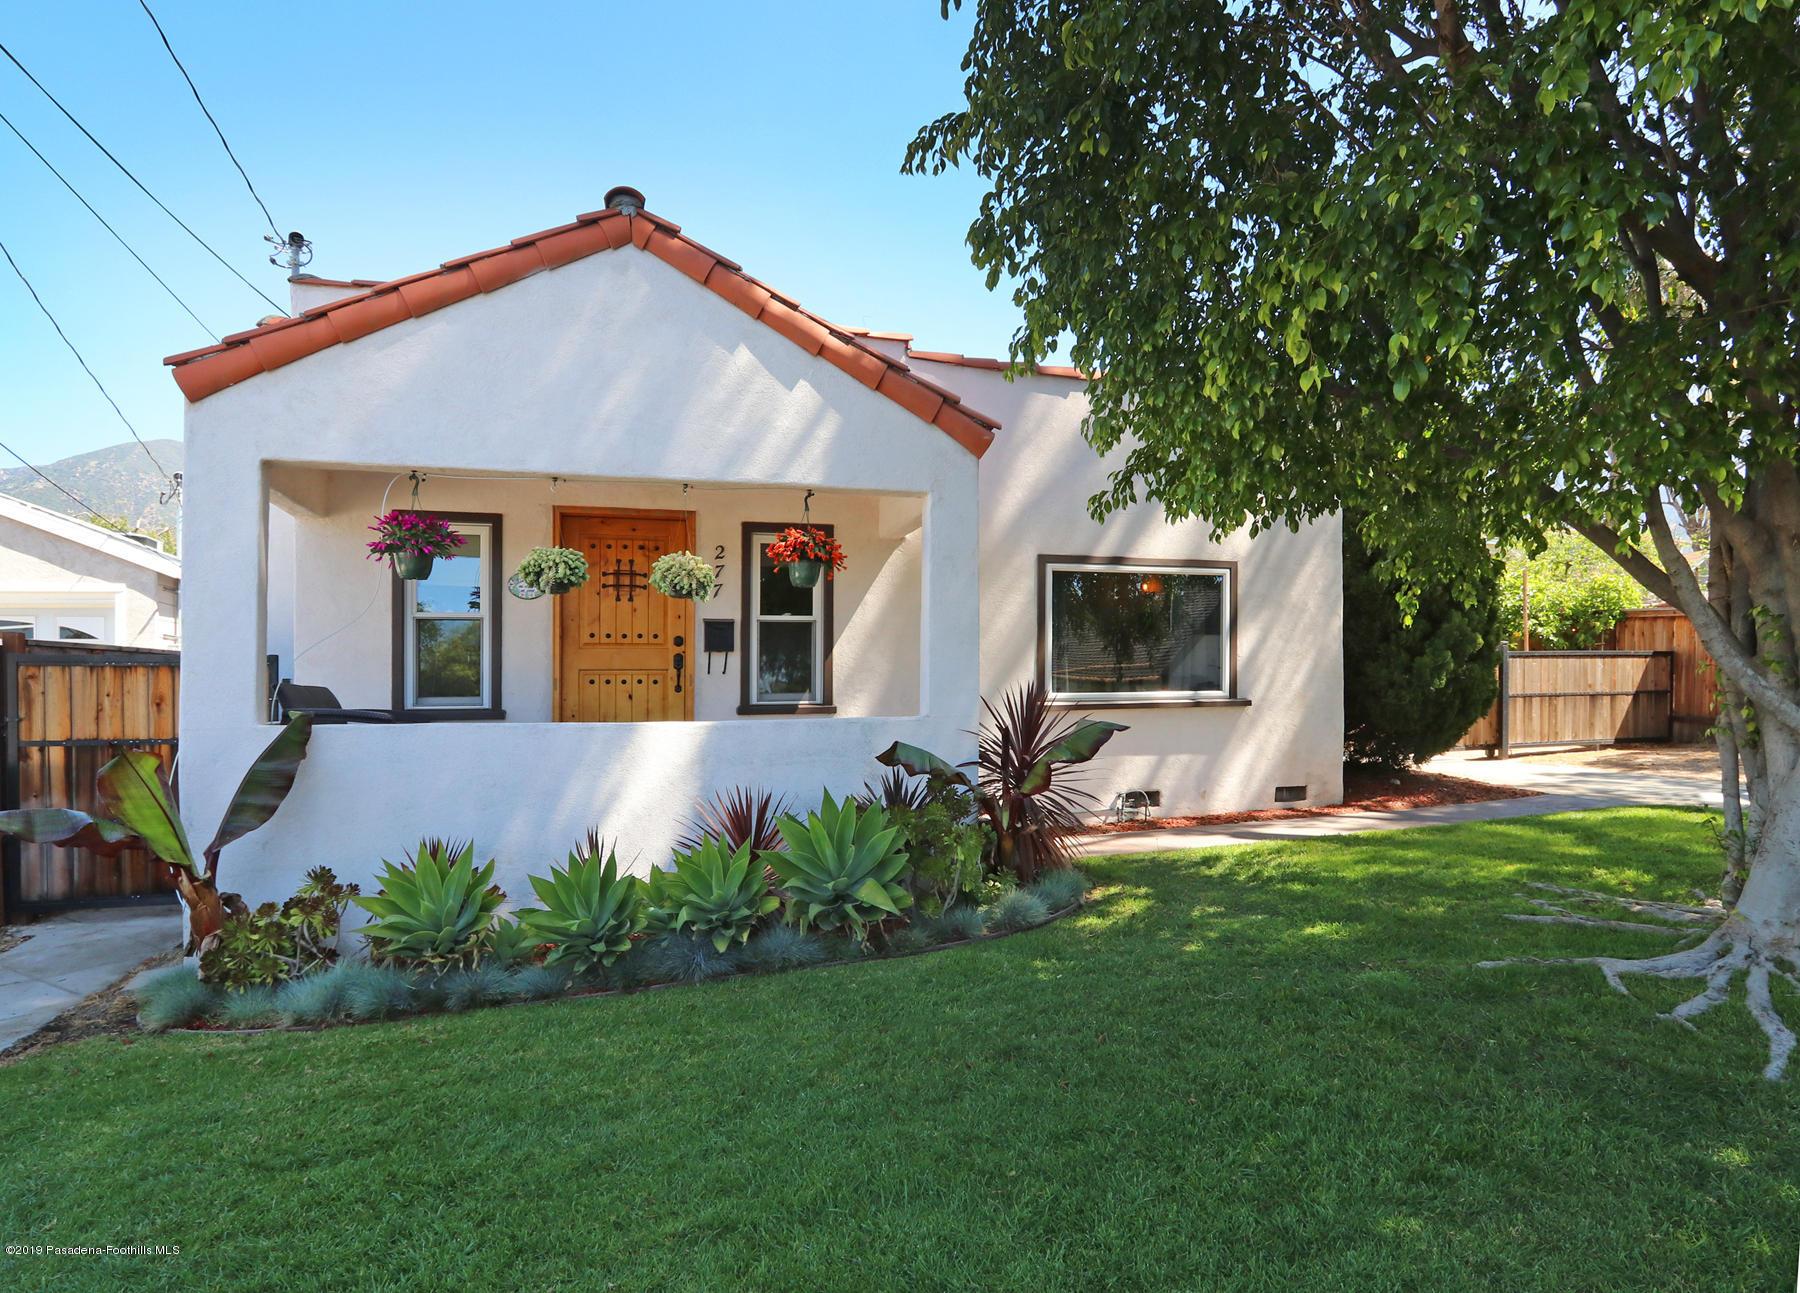 277 W Poppyfields Drive, Altadena, California